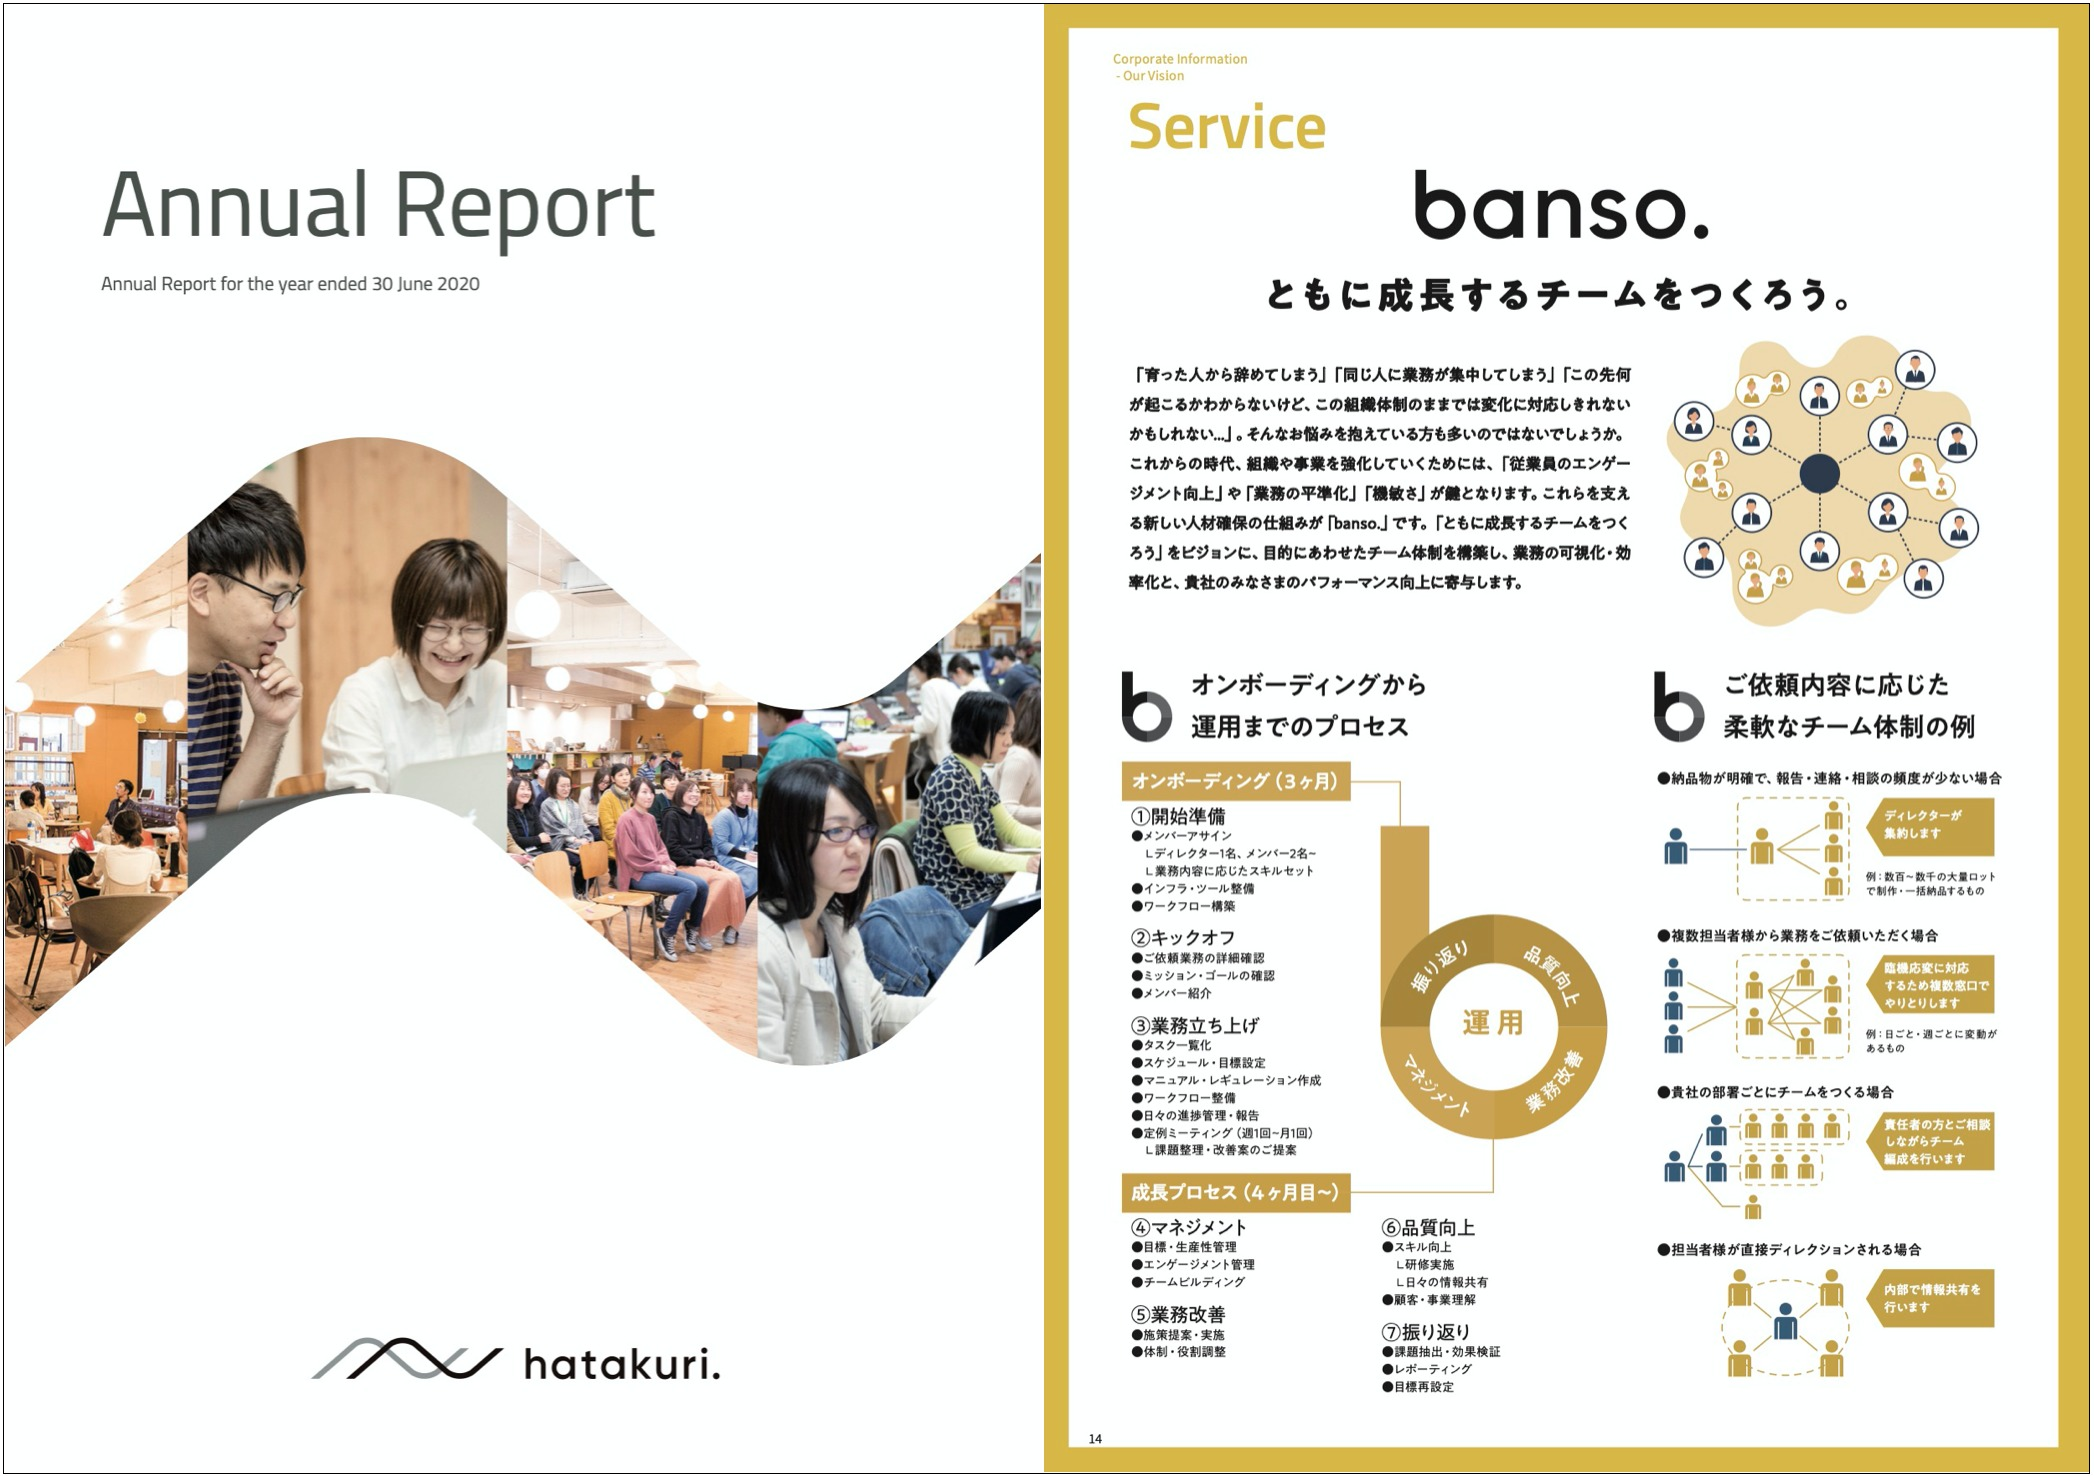 《アニュアルレポート2020》株式会社はたらクリエイト